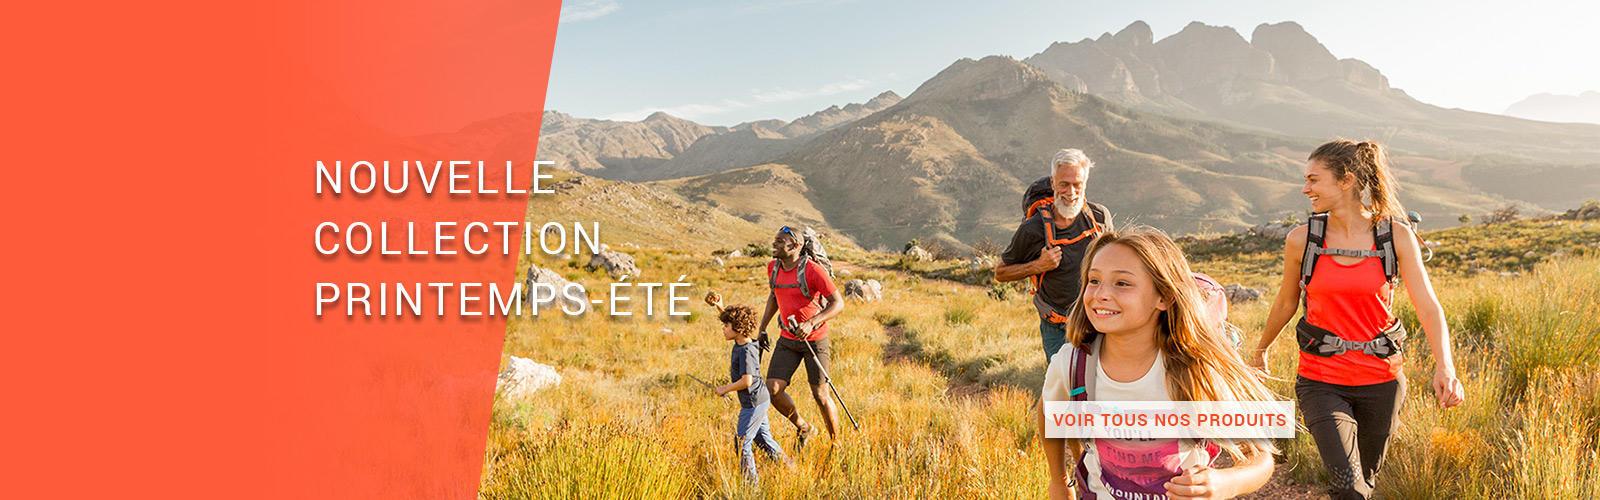 boutique équipement randonnée montagne quechua decathlon